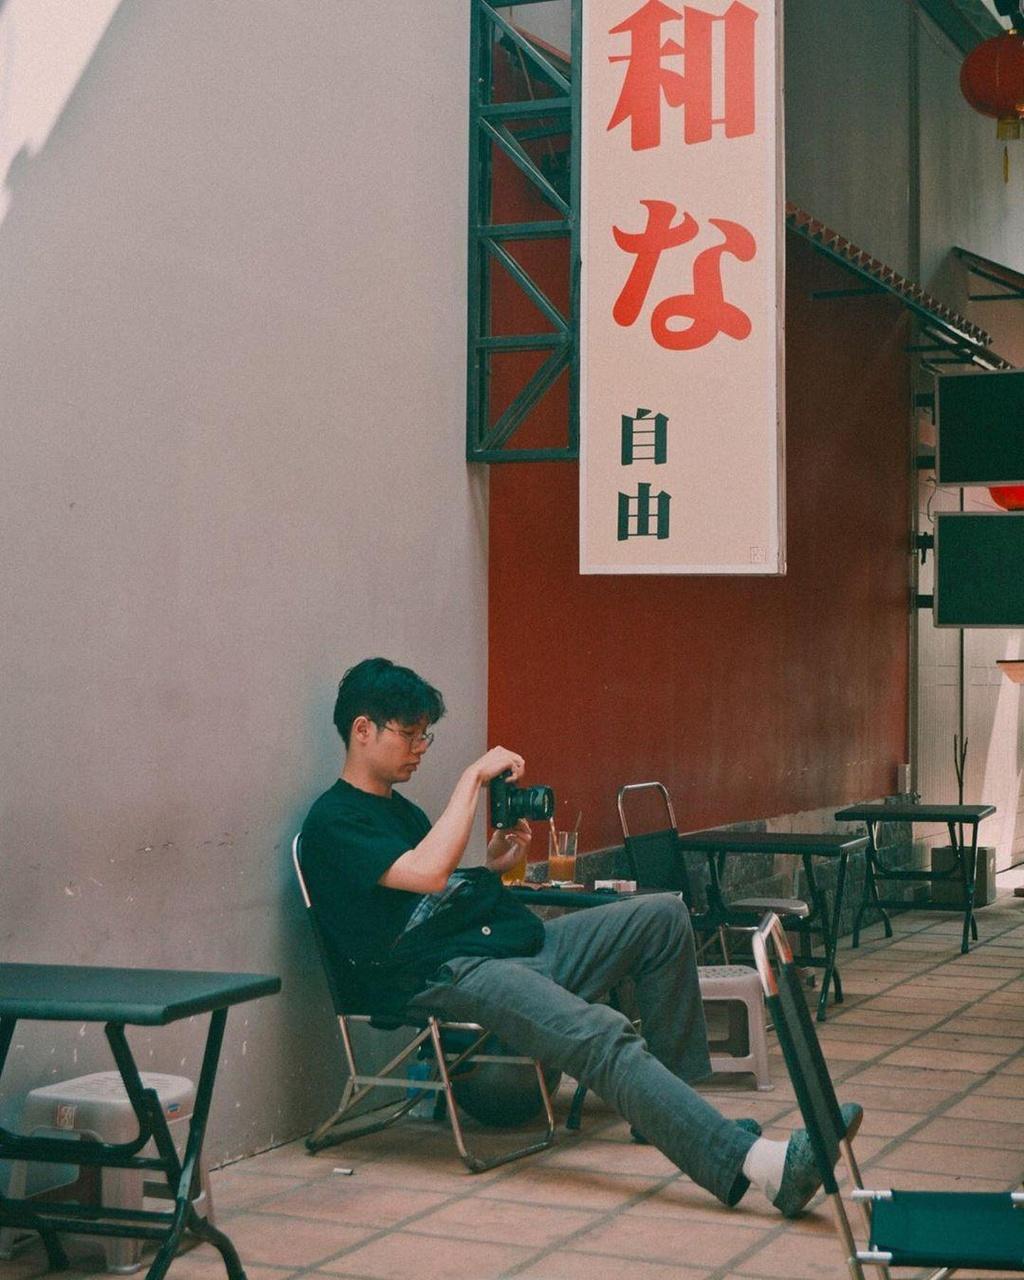 Lạc vào Nhật Bản tại con hẻm nhỏ giữa lòng Sài Gòn